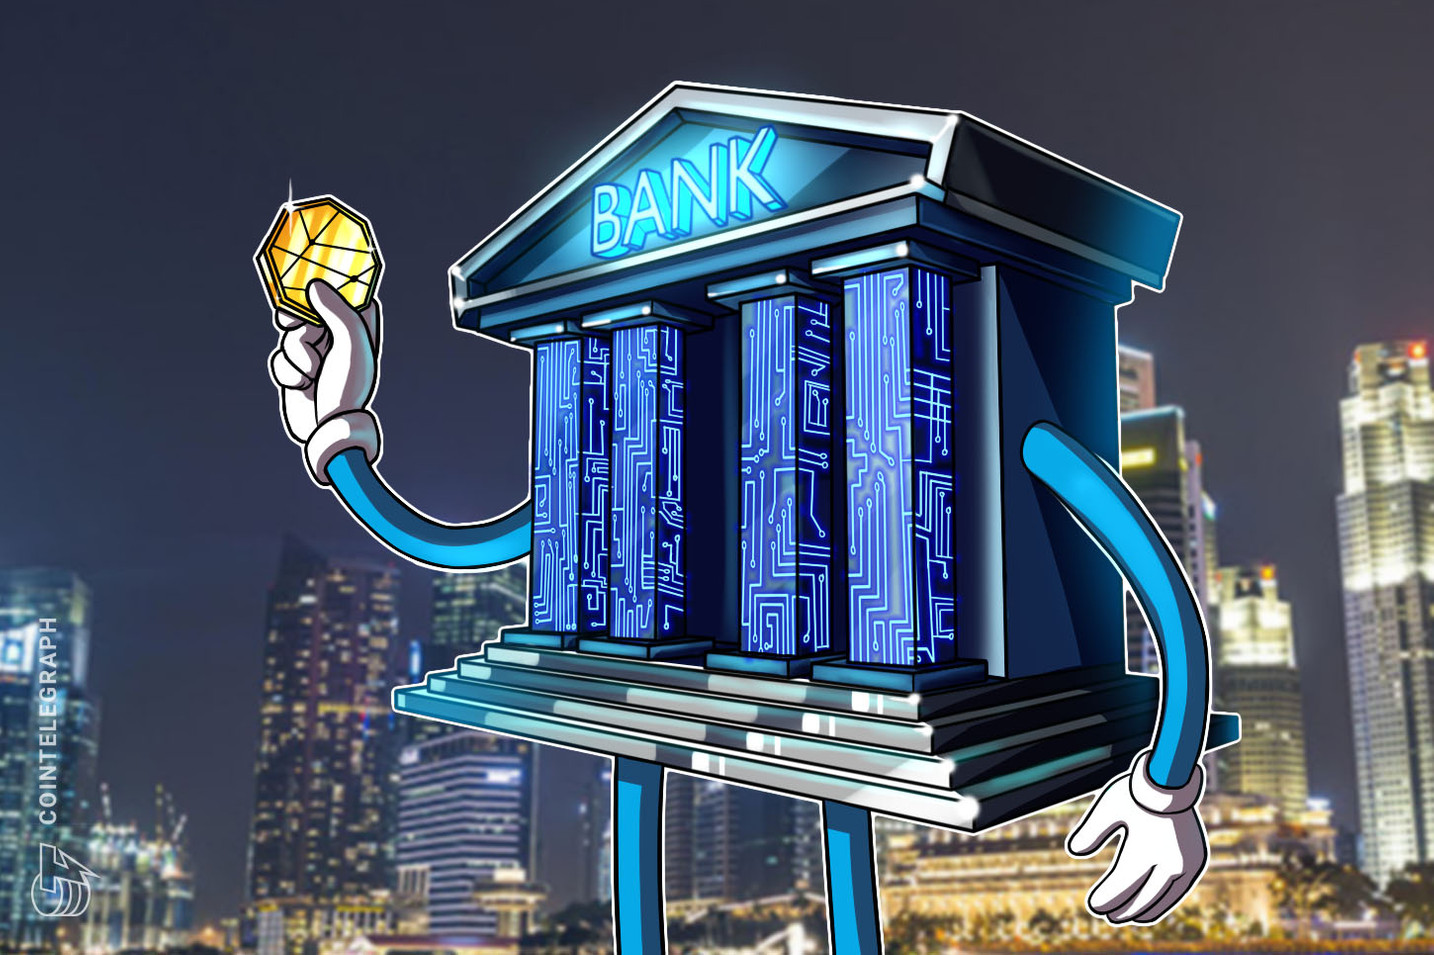 آي بي إم تُلمِح إلى حل مدفوعات عبر الحدود بالعملات المستقرة للمؤسسات المالية